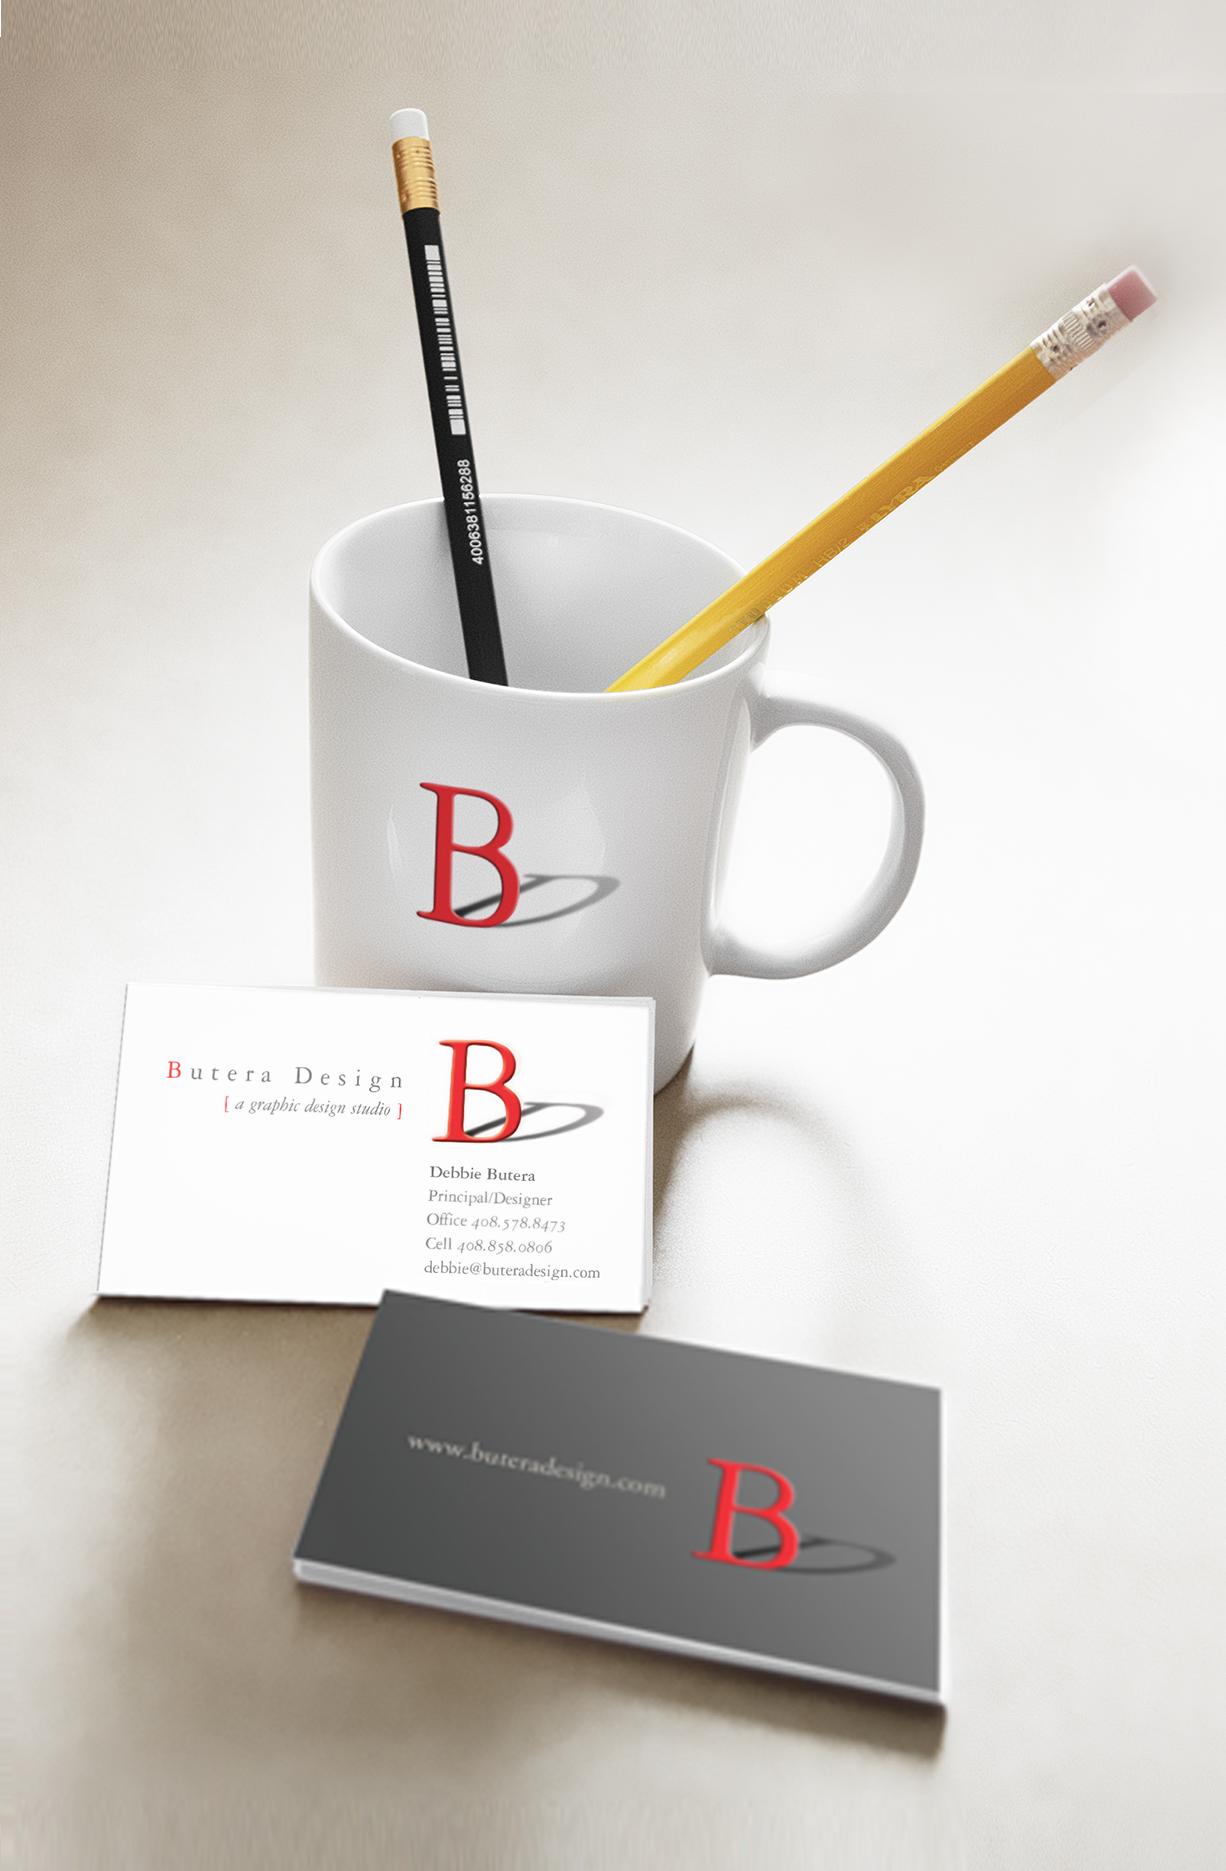 bd-logo-cup_new1a_100315_2 copy